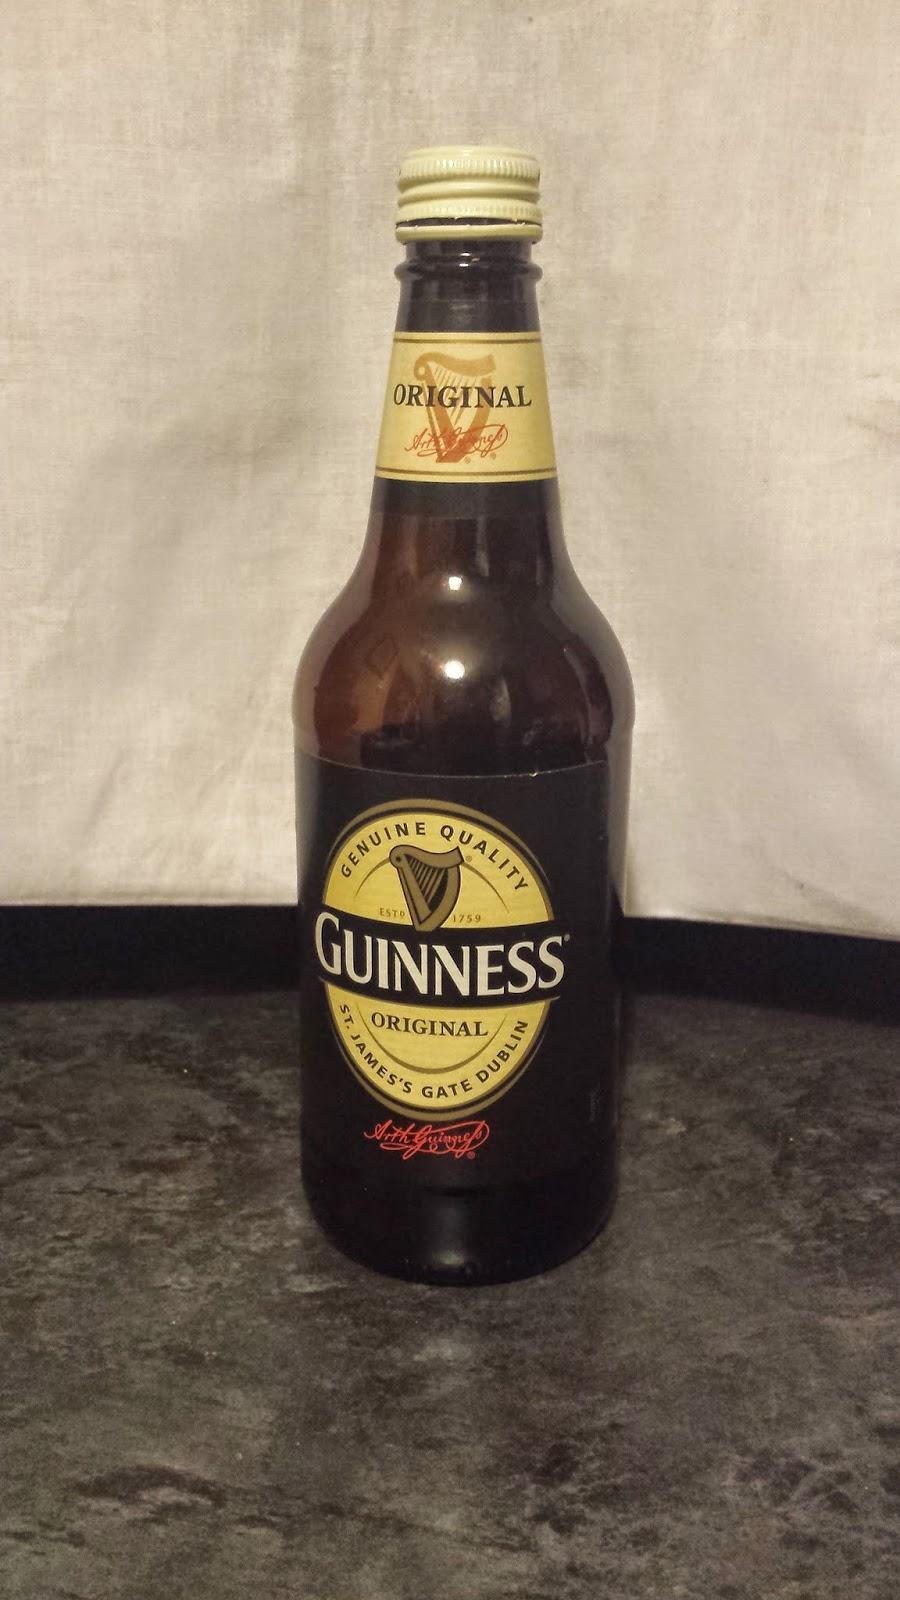 Guinness Original(4.2%)